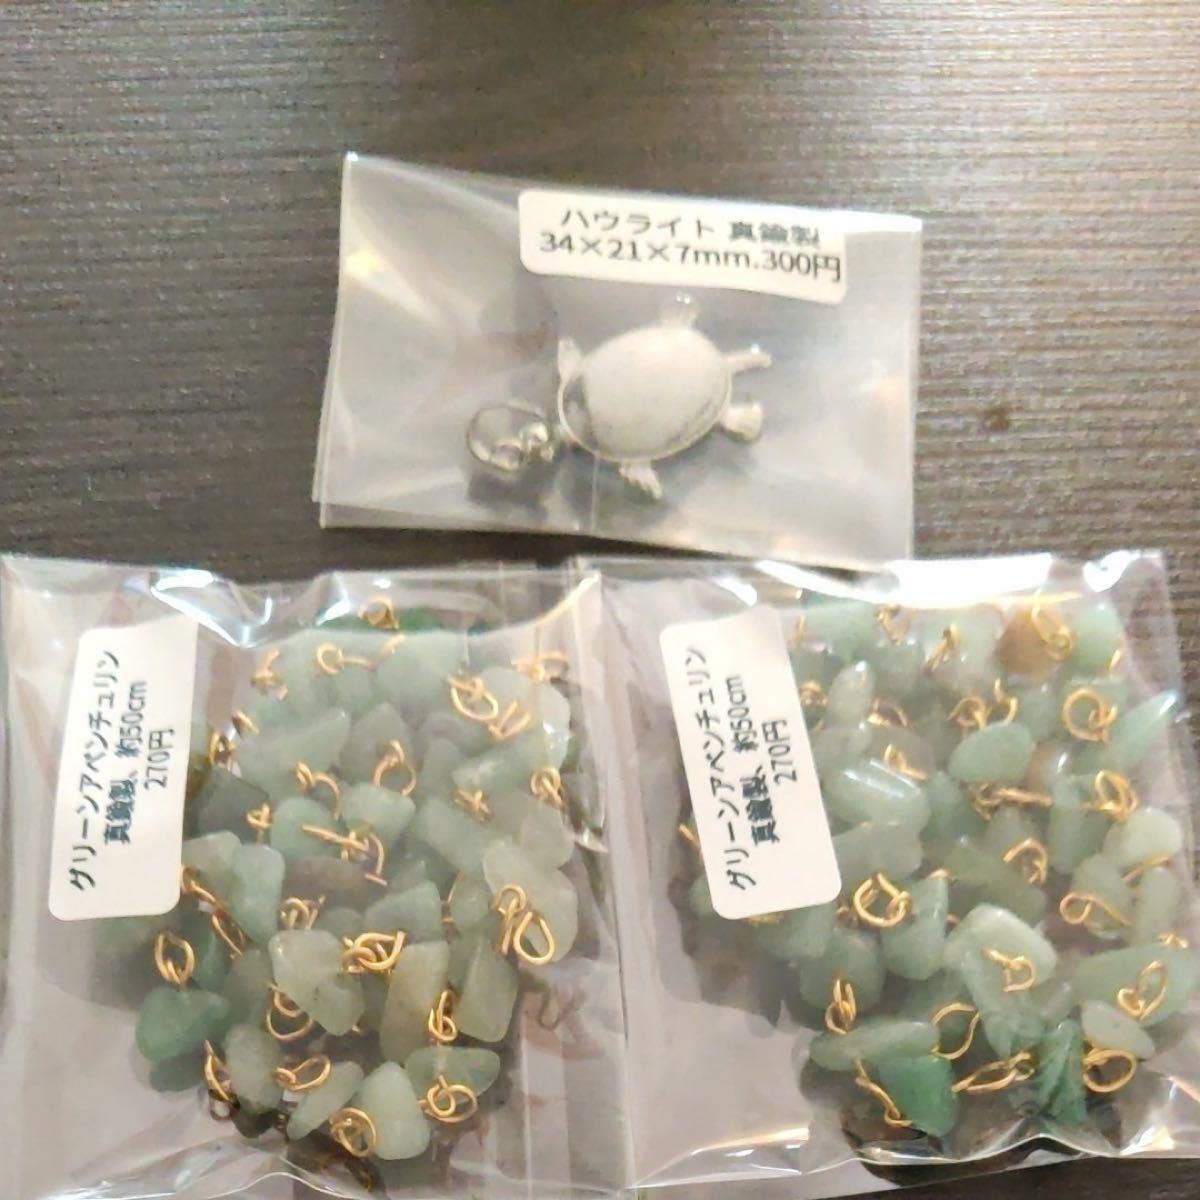 mayumi様専用お取り置き期限7月9日